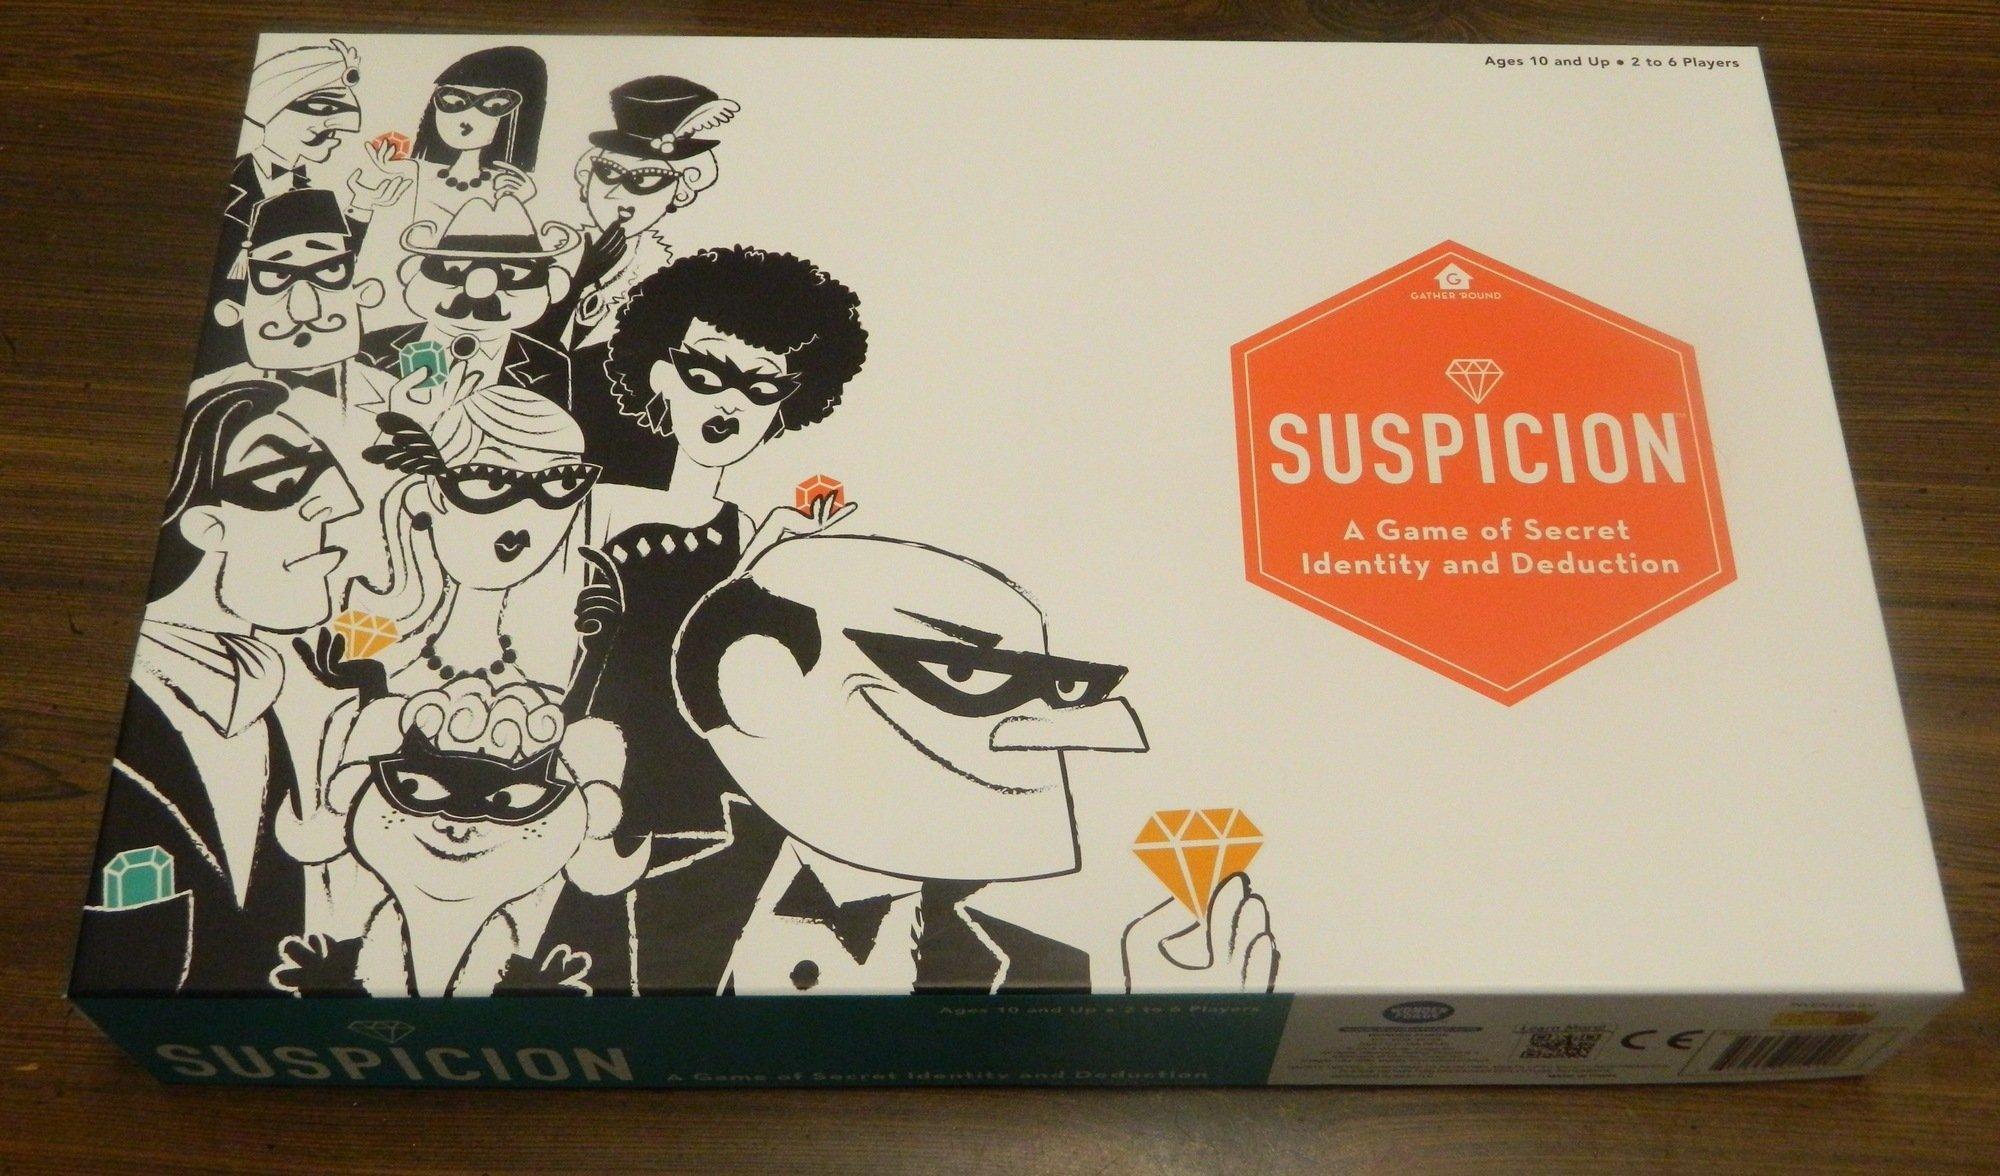 Box for Suspicion